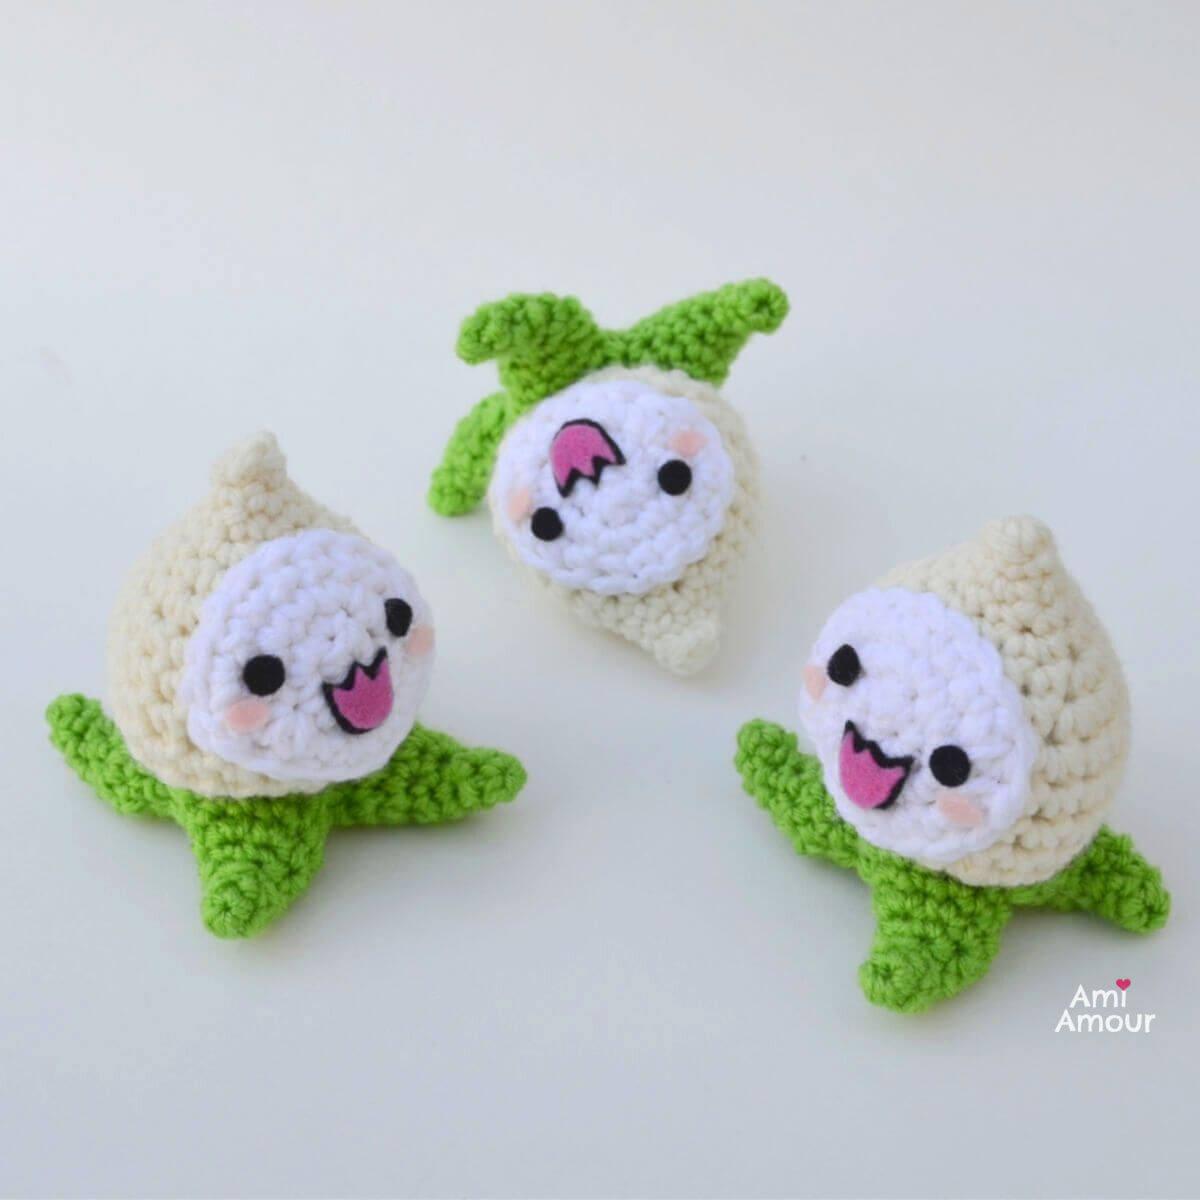 Crochet Pachimari Amigurumi Pattern